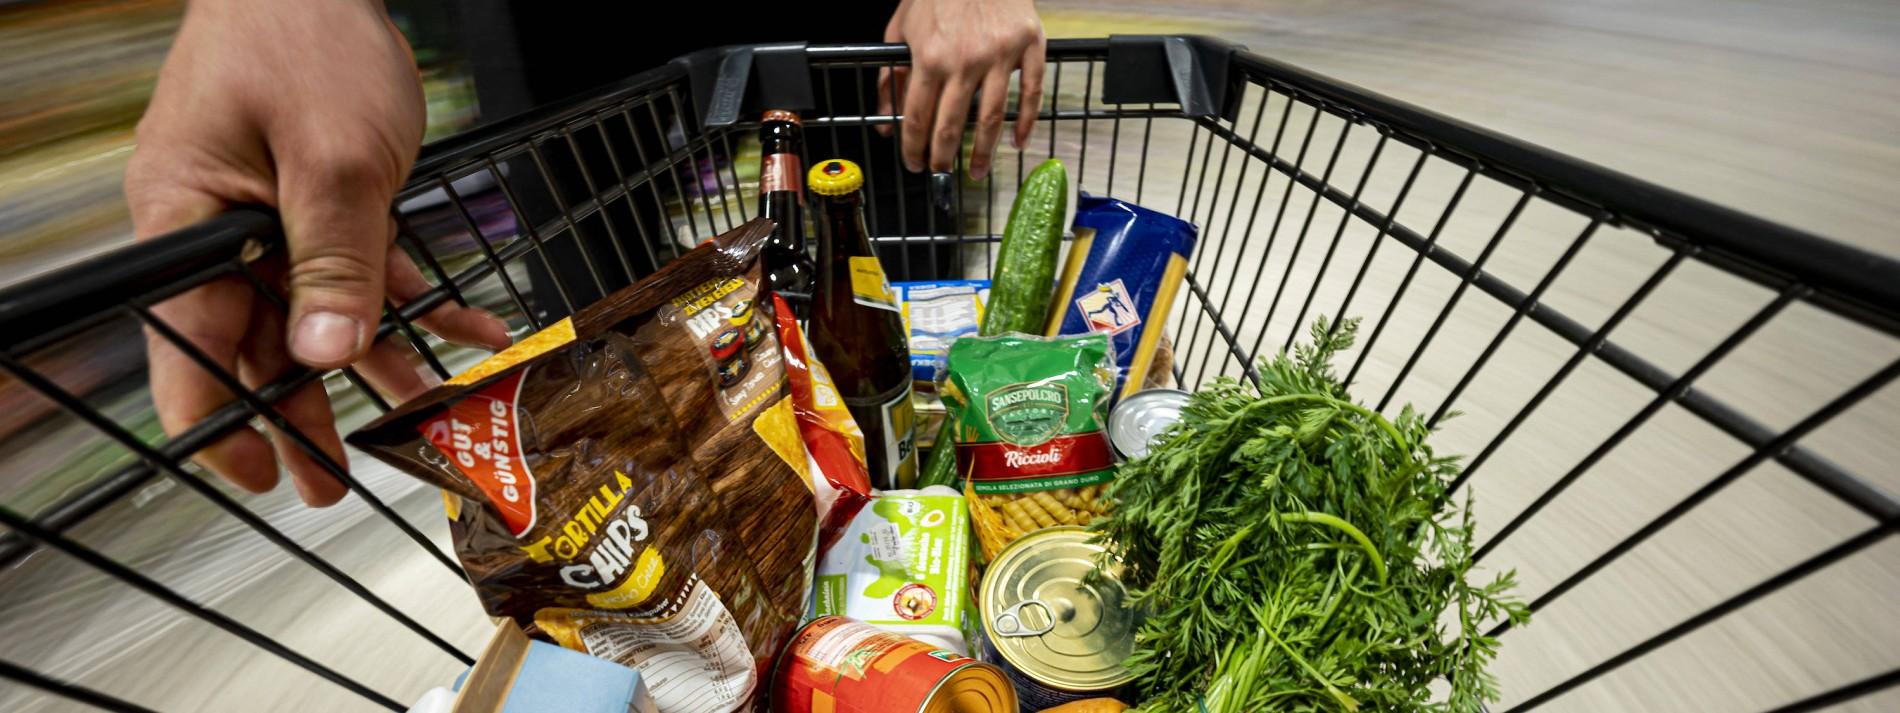 Kehrt das Gespenst der Inflation zurück?